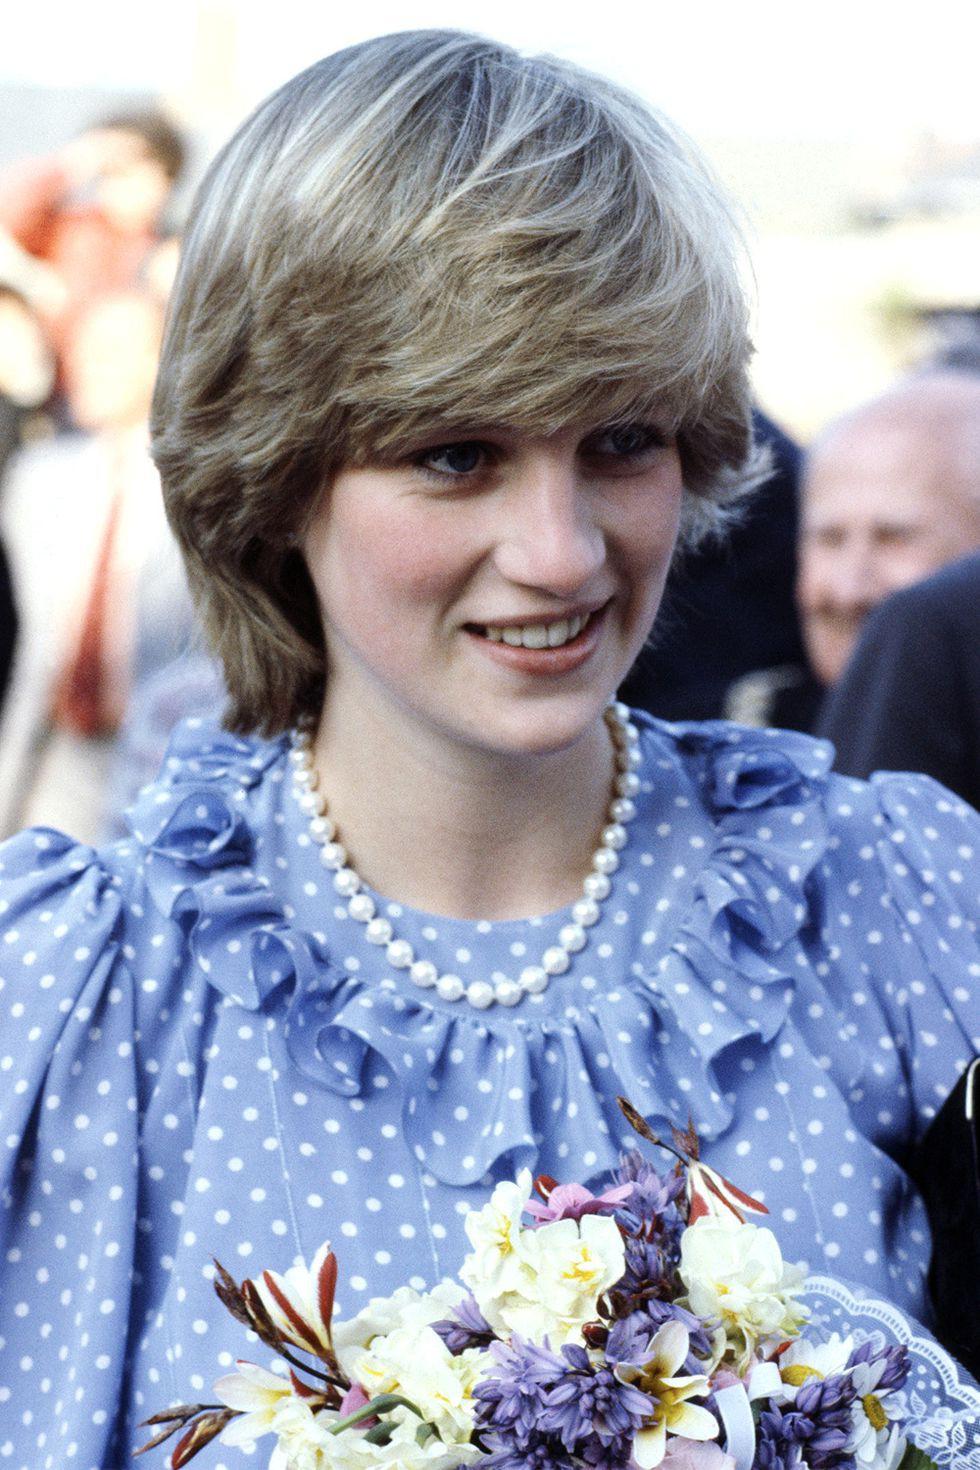 Mấy ai để ý rằng Công nương Diana cũng có 1 thời để tóc lỡ vai đầy dịu dàng và trang nhã đến vậy-2